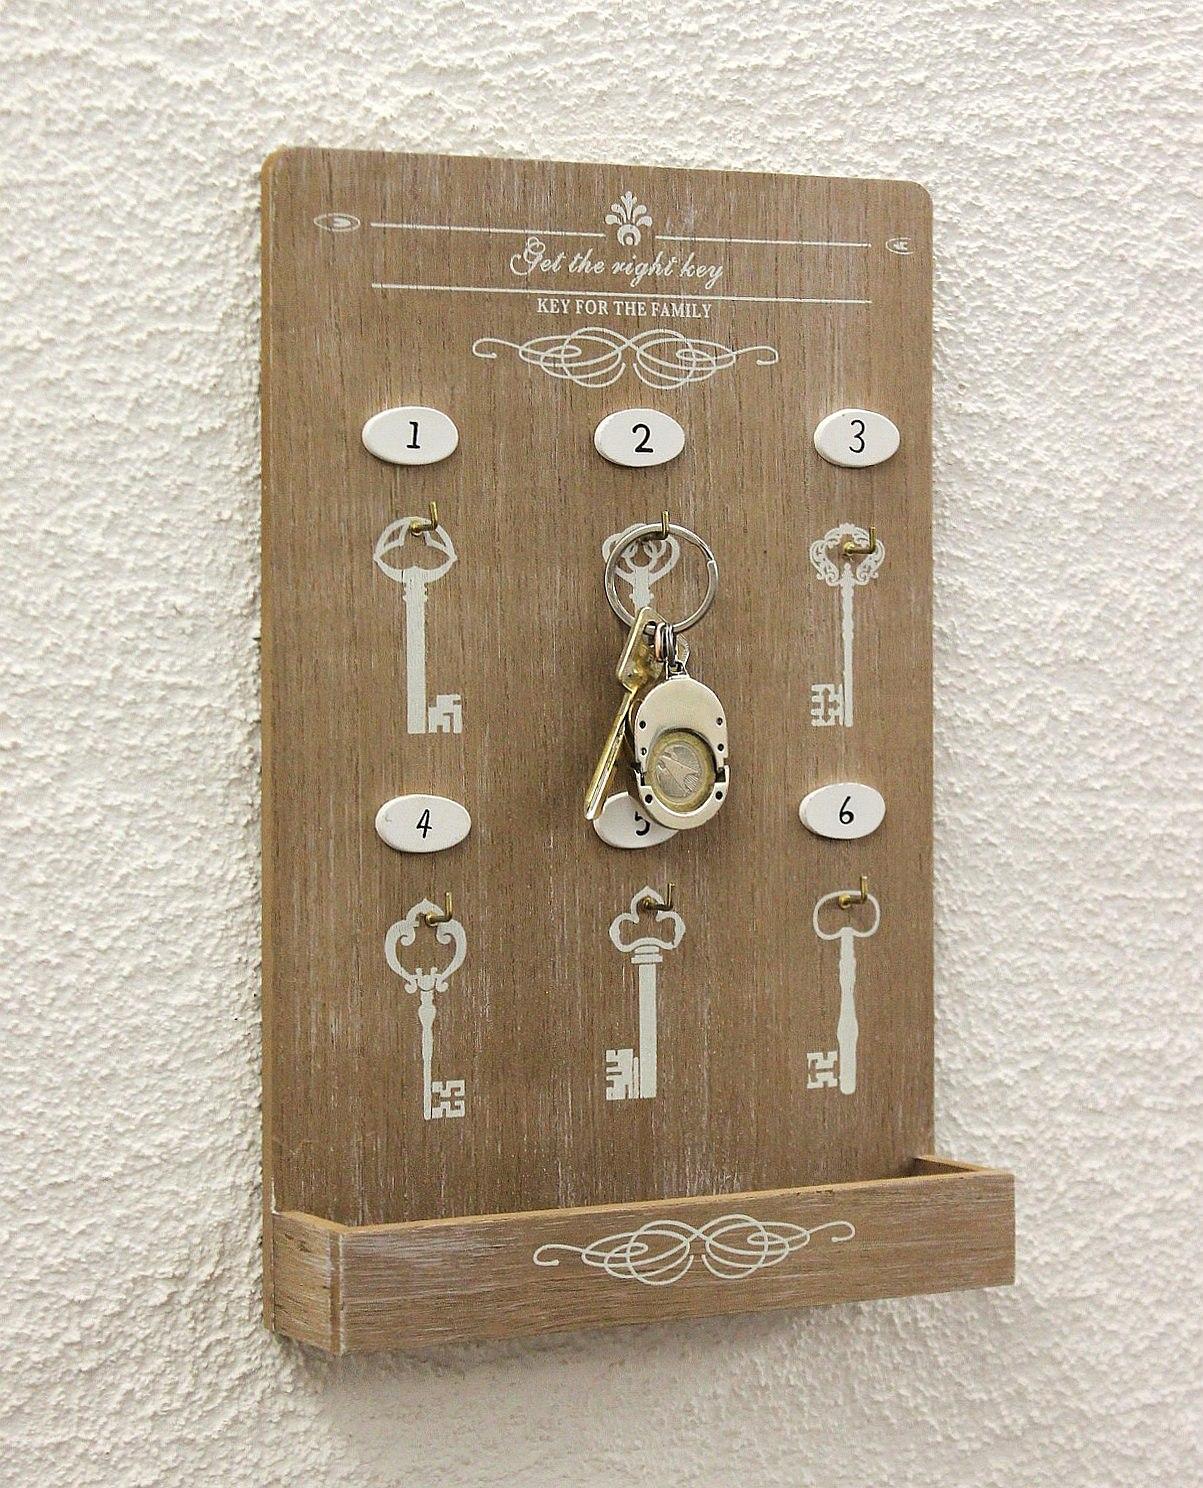 schl sselboard mit ablage 18238 schl sselkasten memoboard 30cm schl sselleiste dandibo. Black Bedroom Furniture Sets. Home Design Ideas